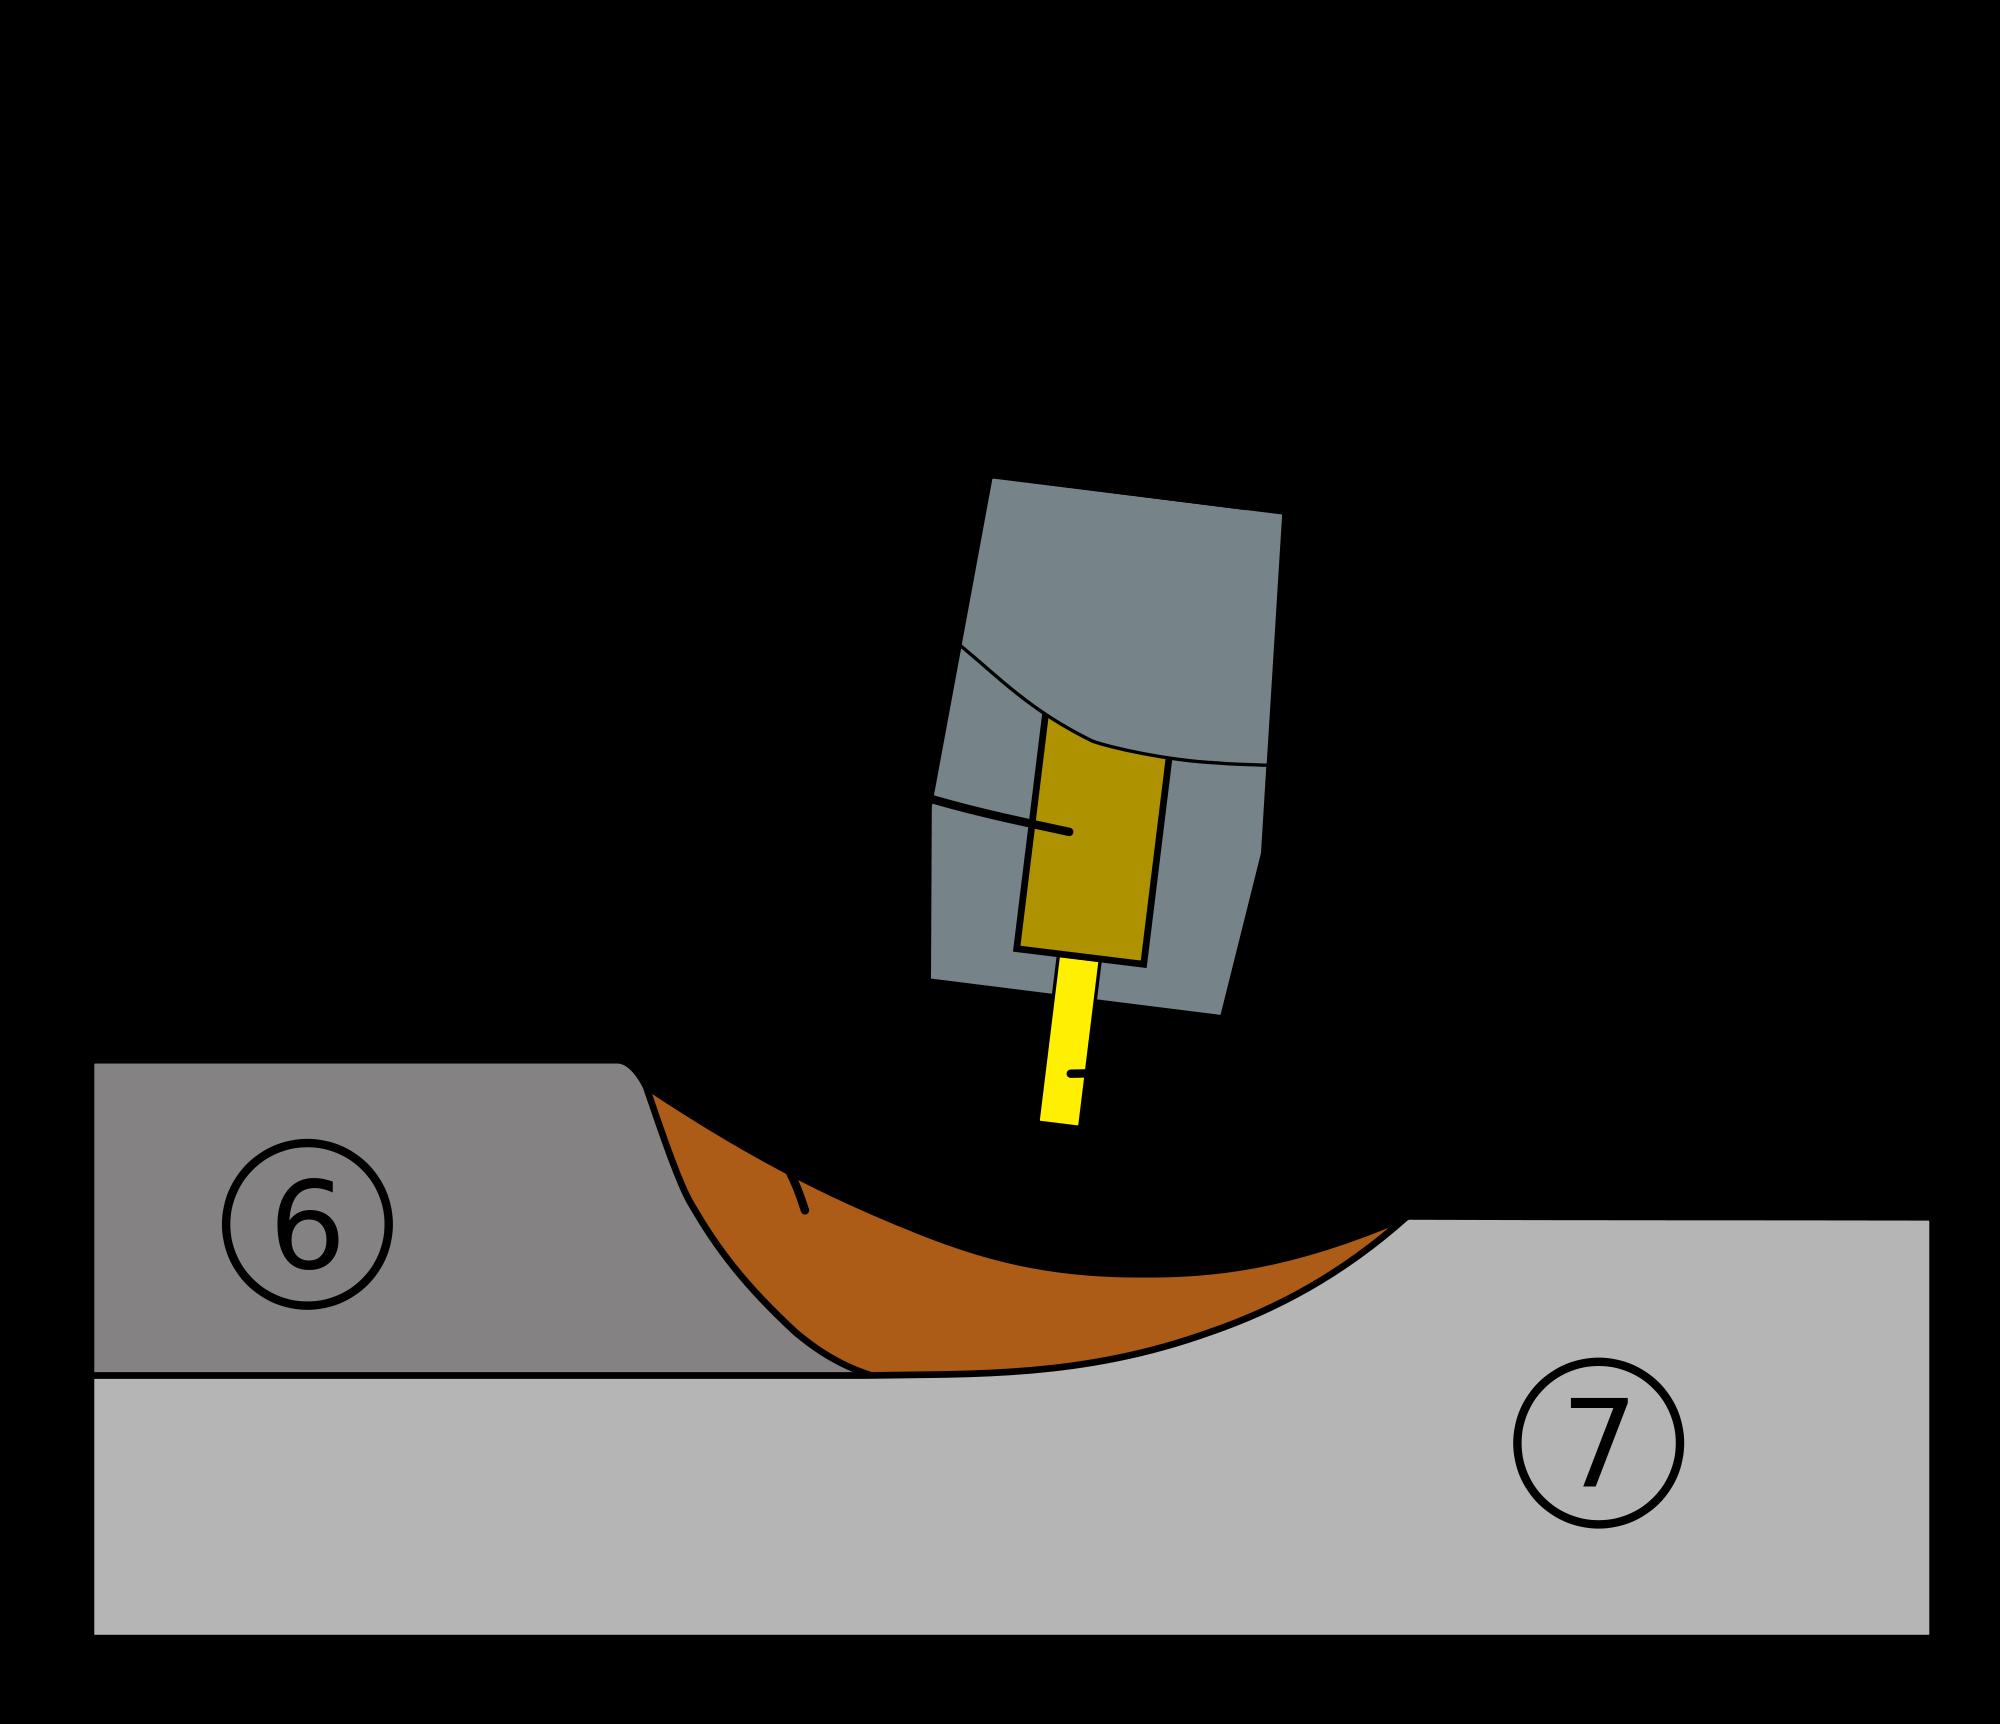 File gmaw weld area. Welding clipart welding shield